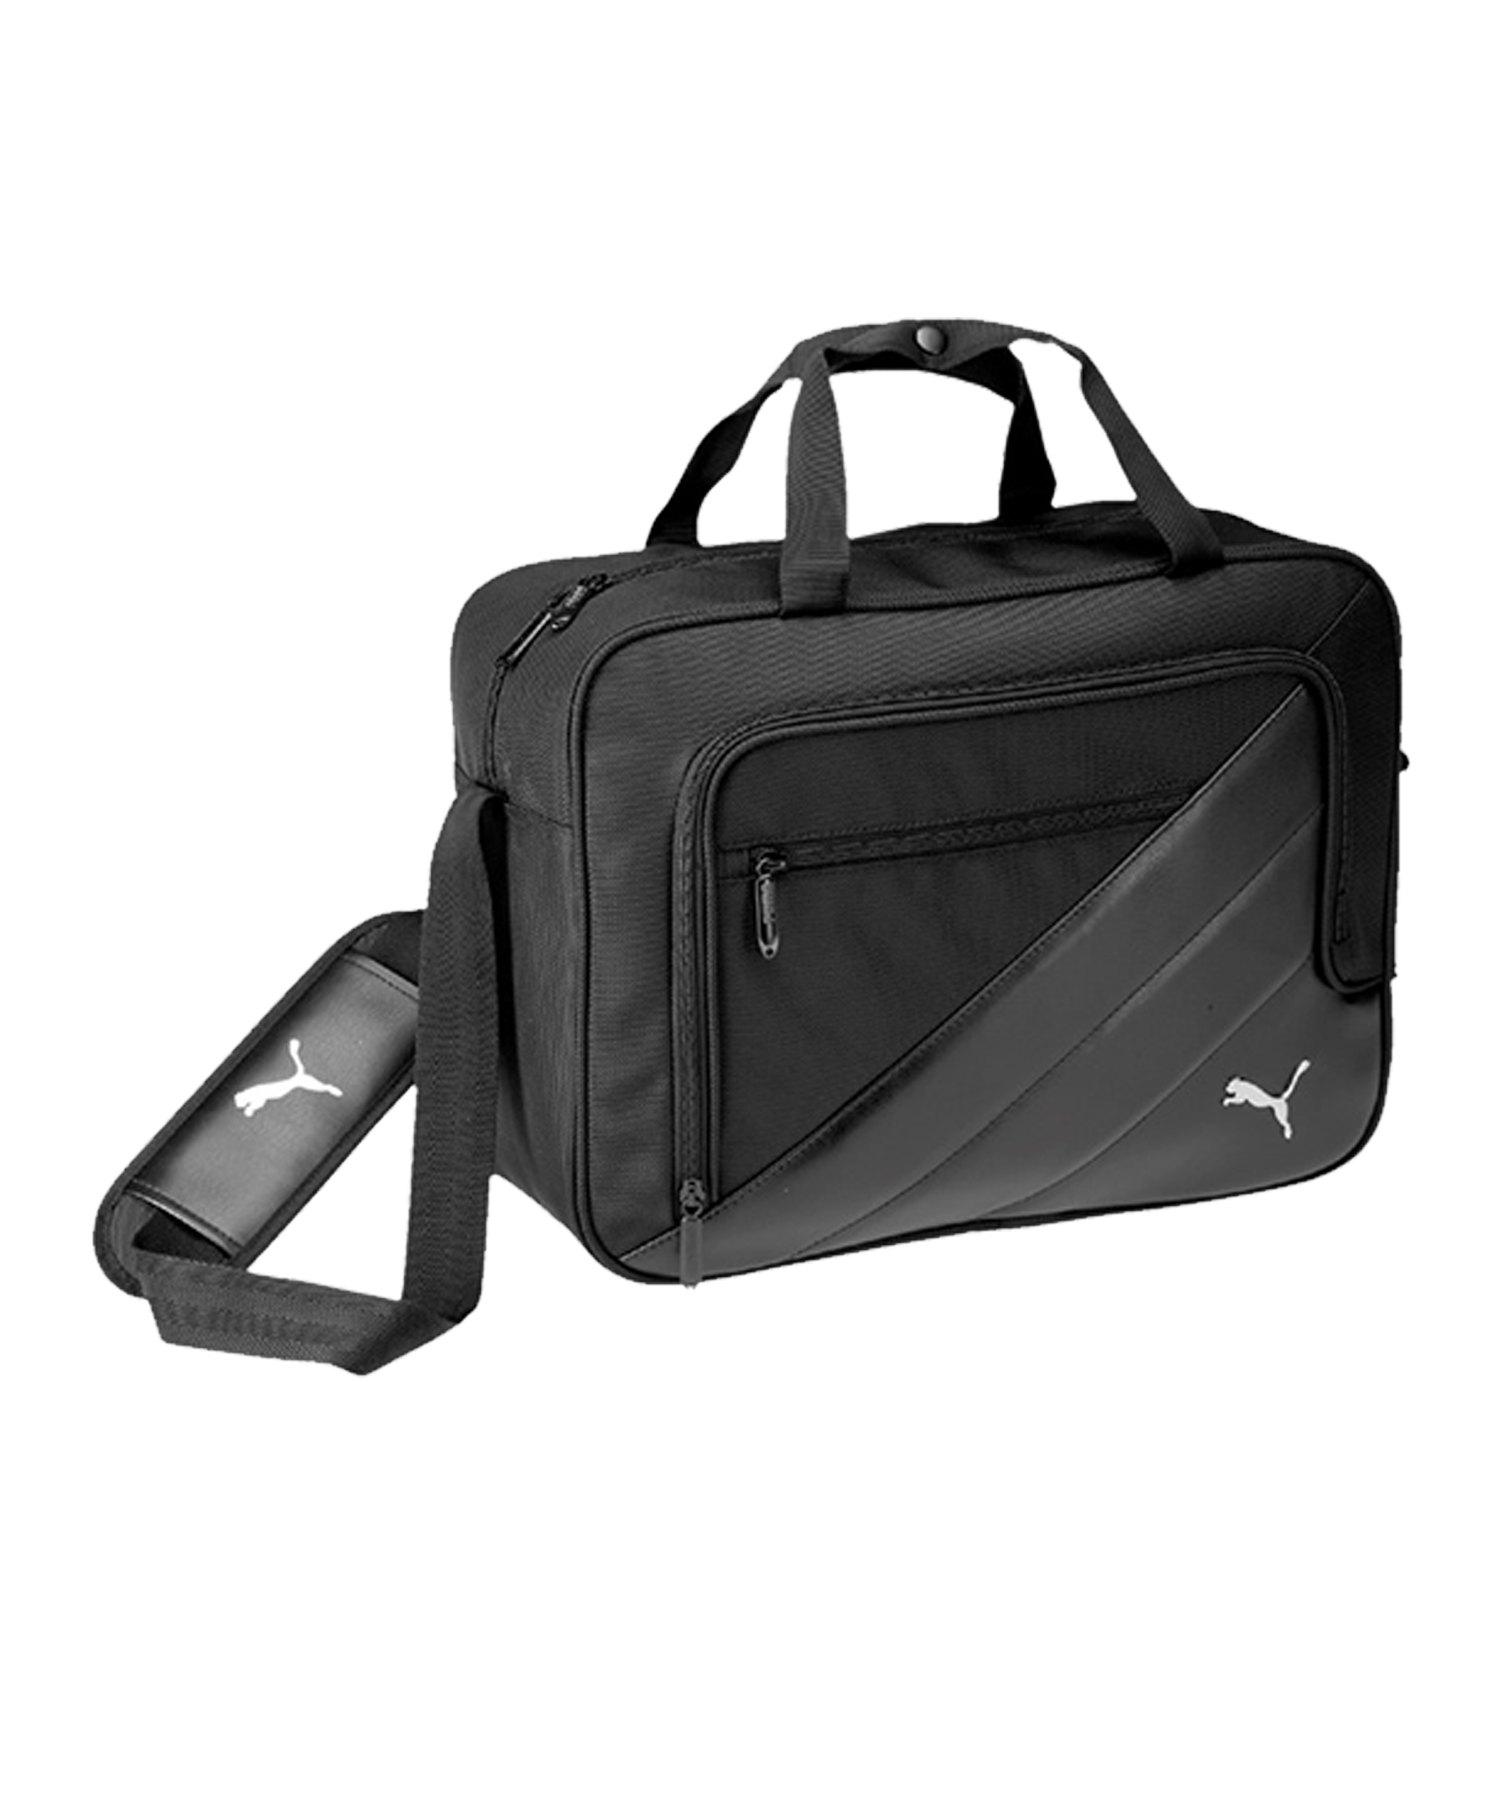 PUMA Team Messenger Bag Tasche Schwarz F01 - schwarz